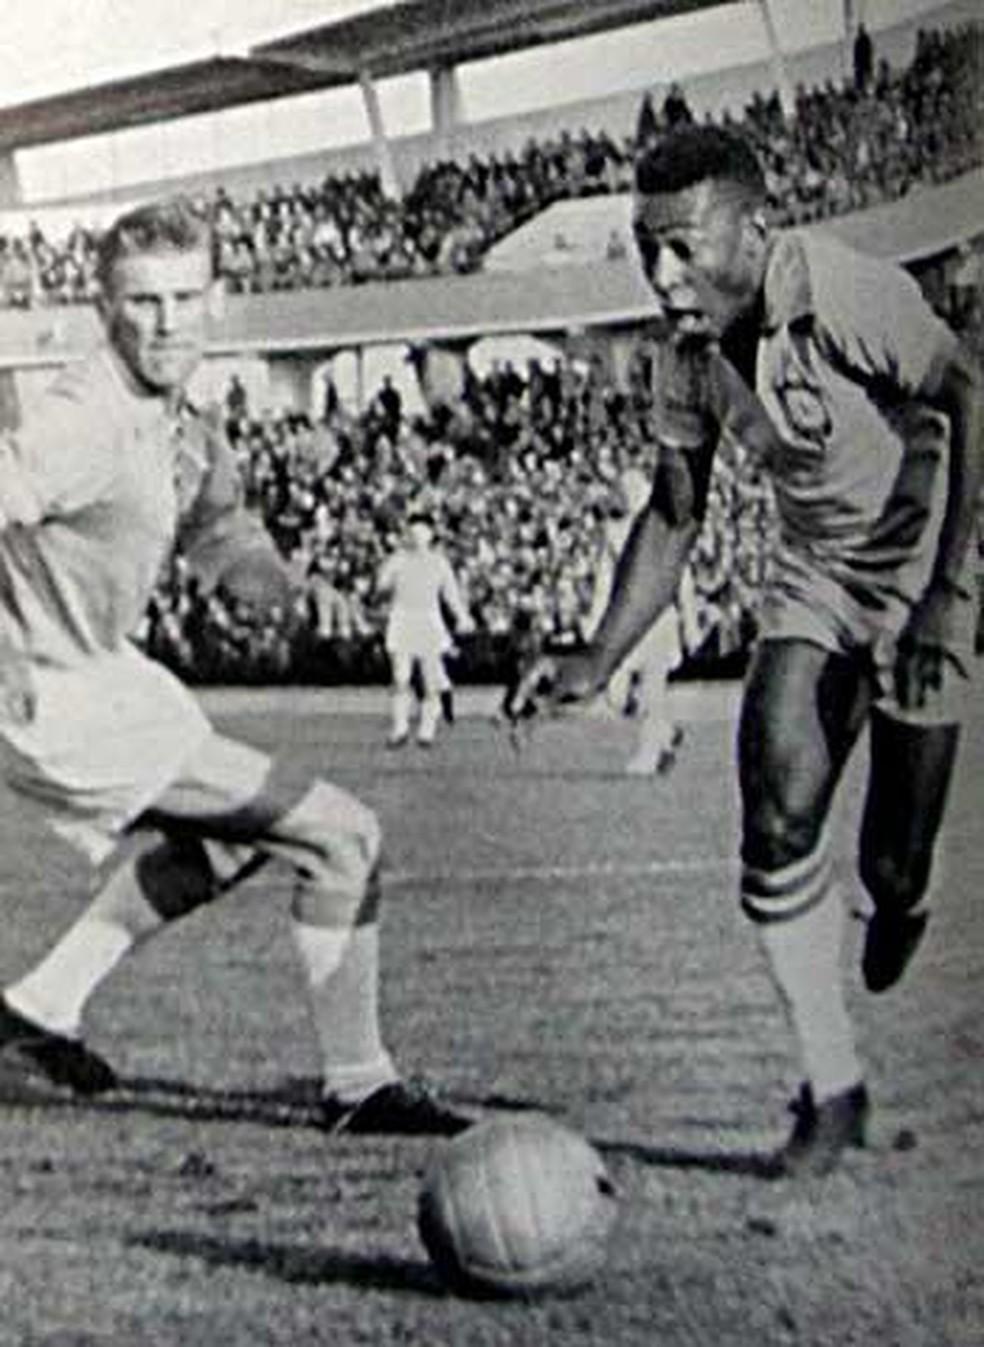 Avô de Victor, Gert Lundqvist marcou Pelé em amistoso da Seleção contra o Malmö — Foto: Arquivo Pessoal